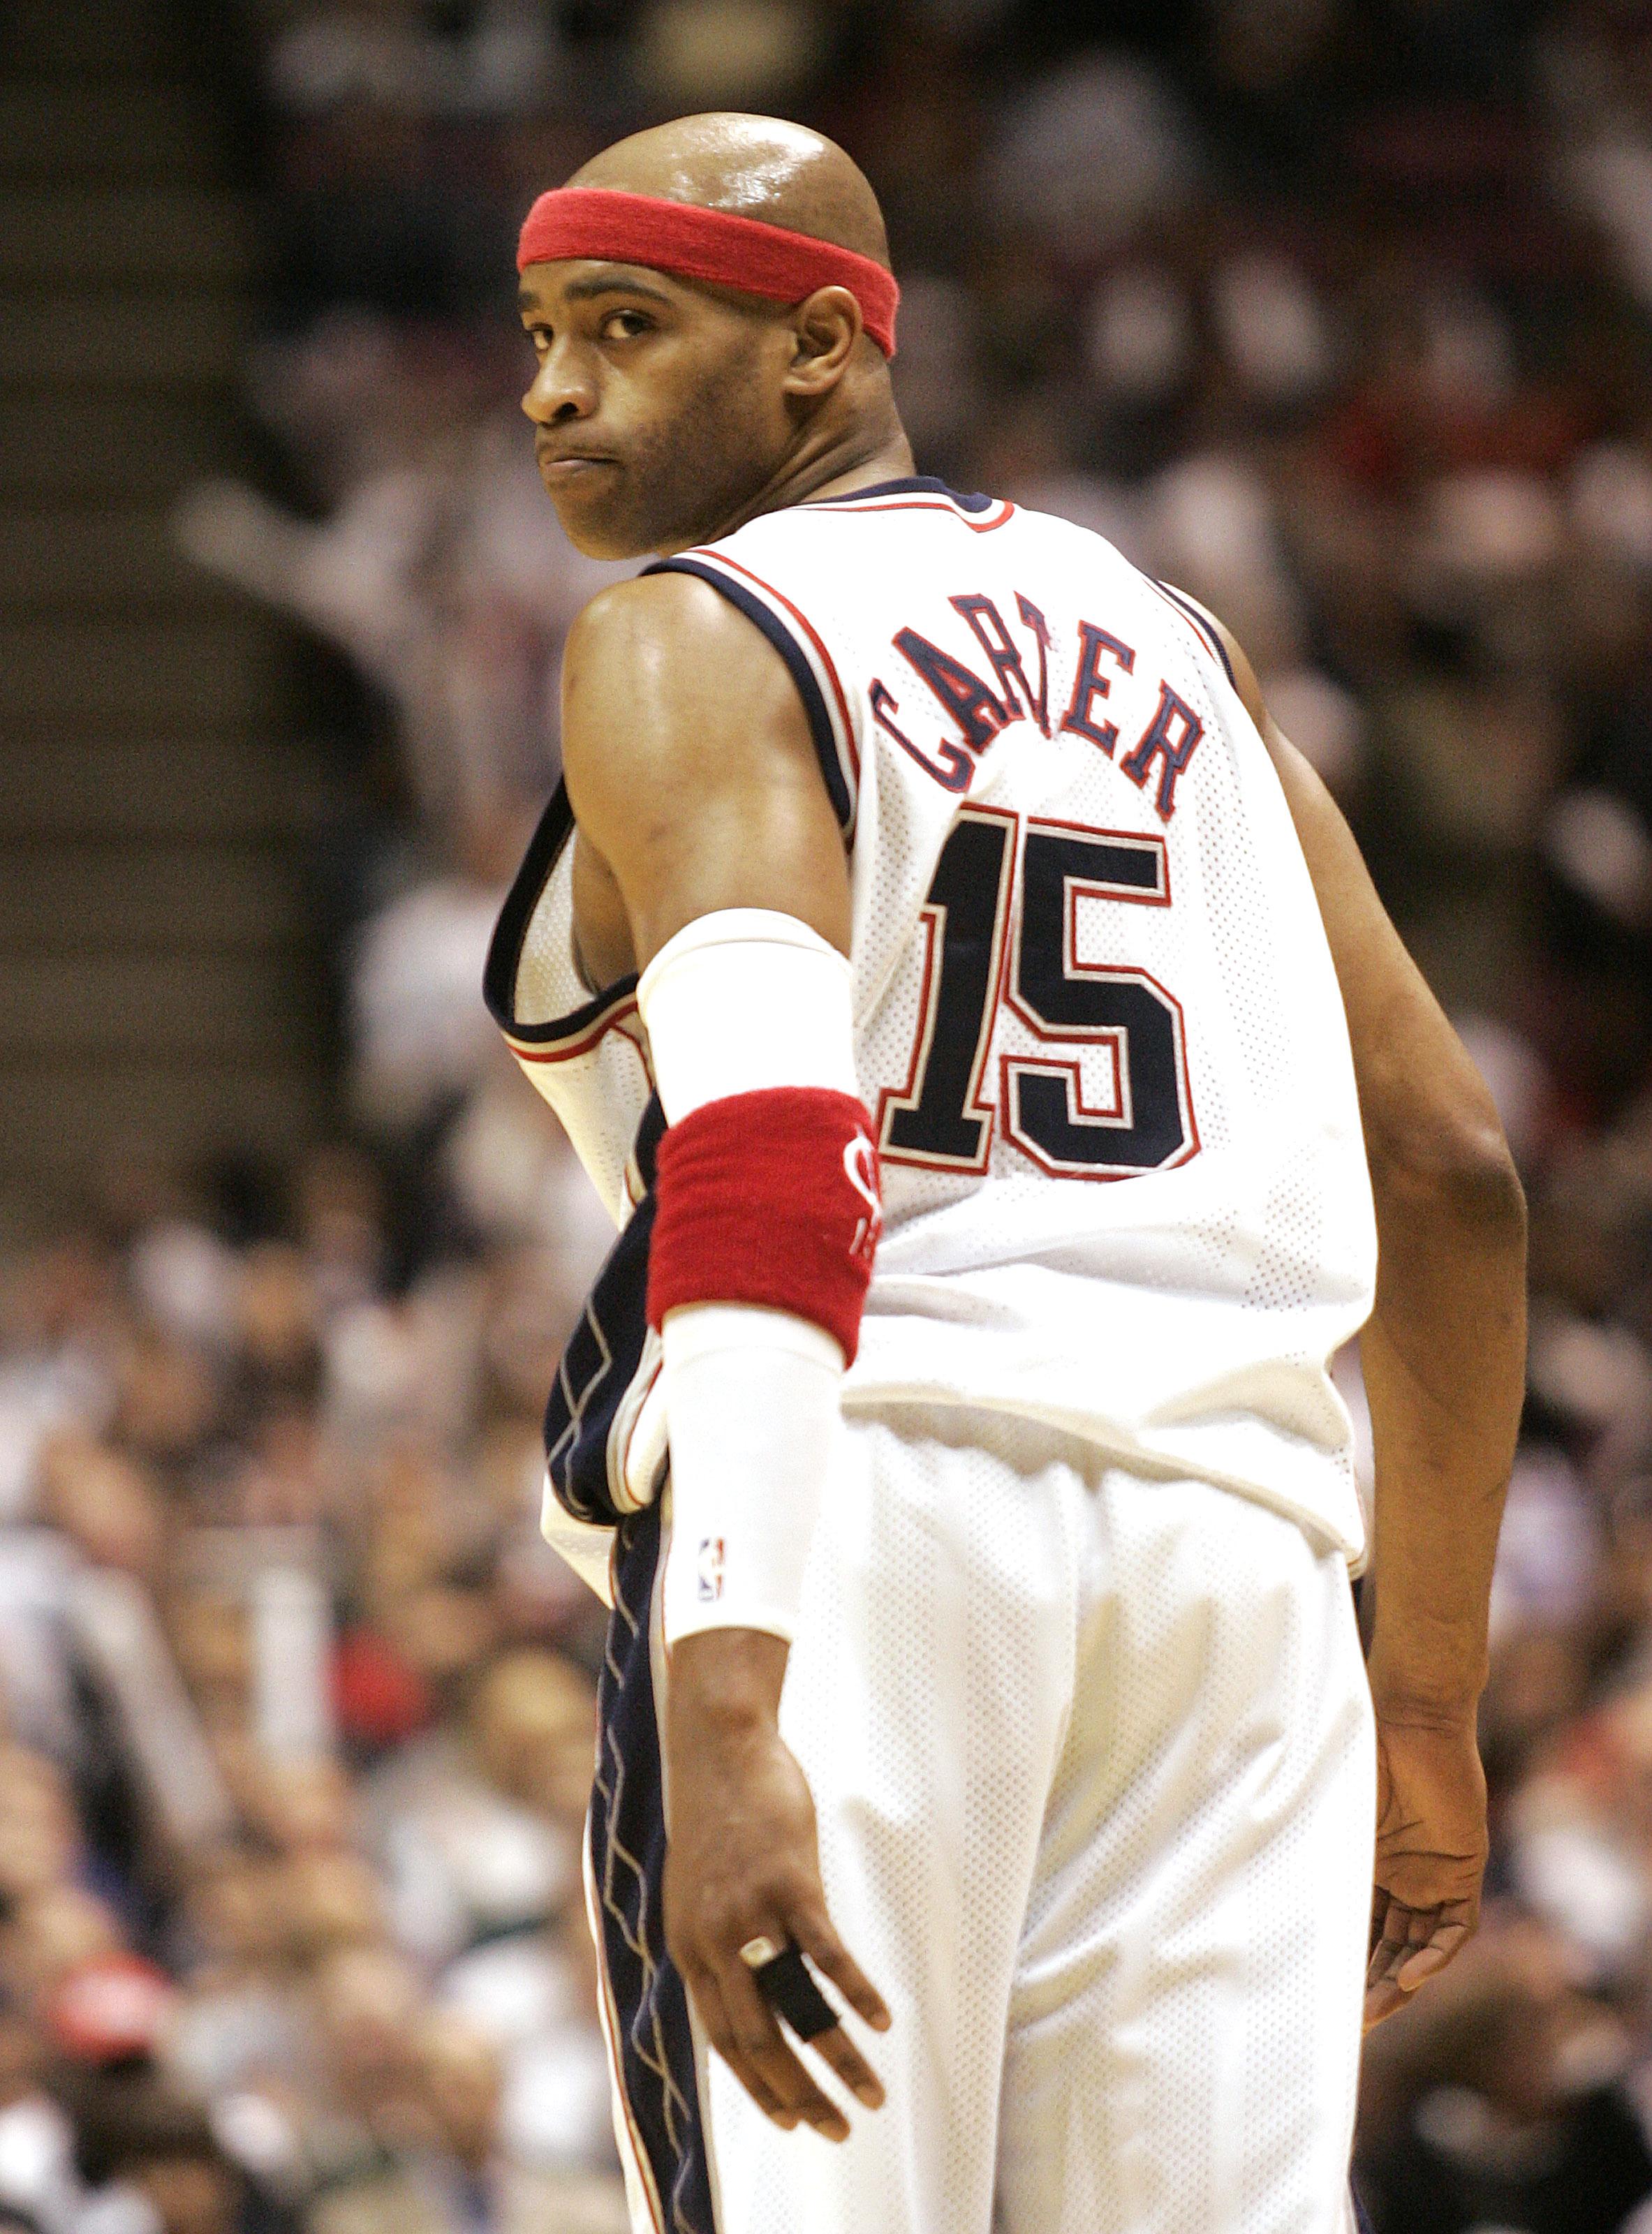 NBA Basketball 2005 - Play Offs - Heat vs. Nets